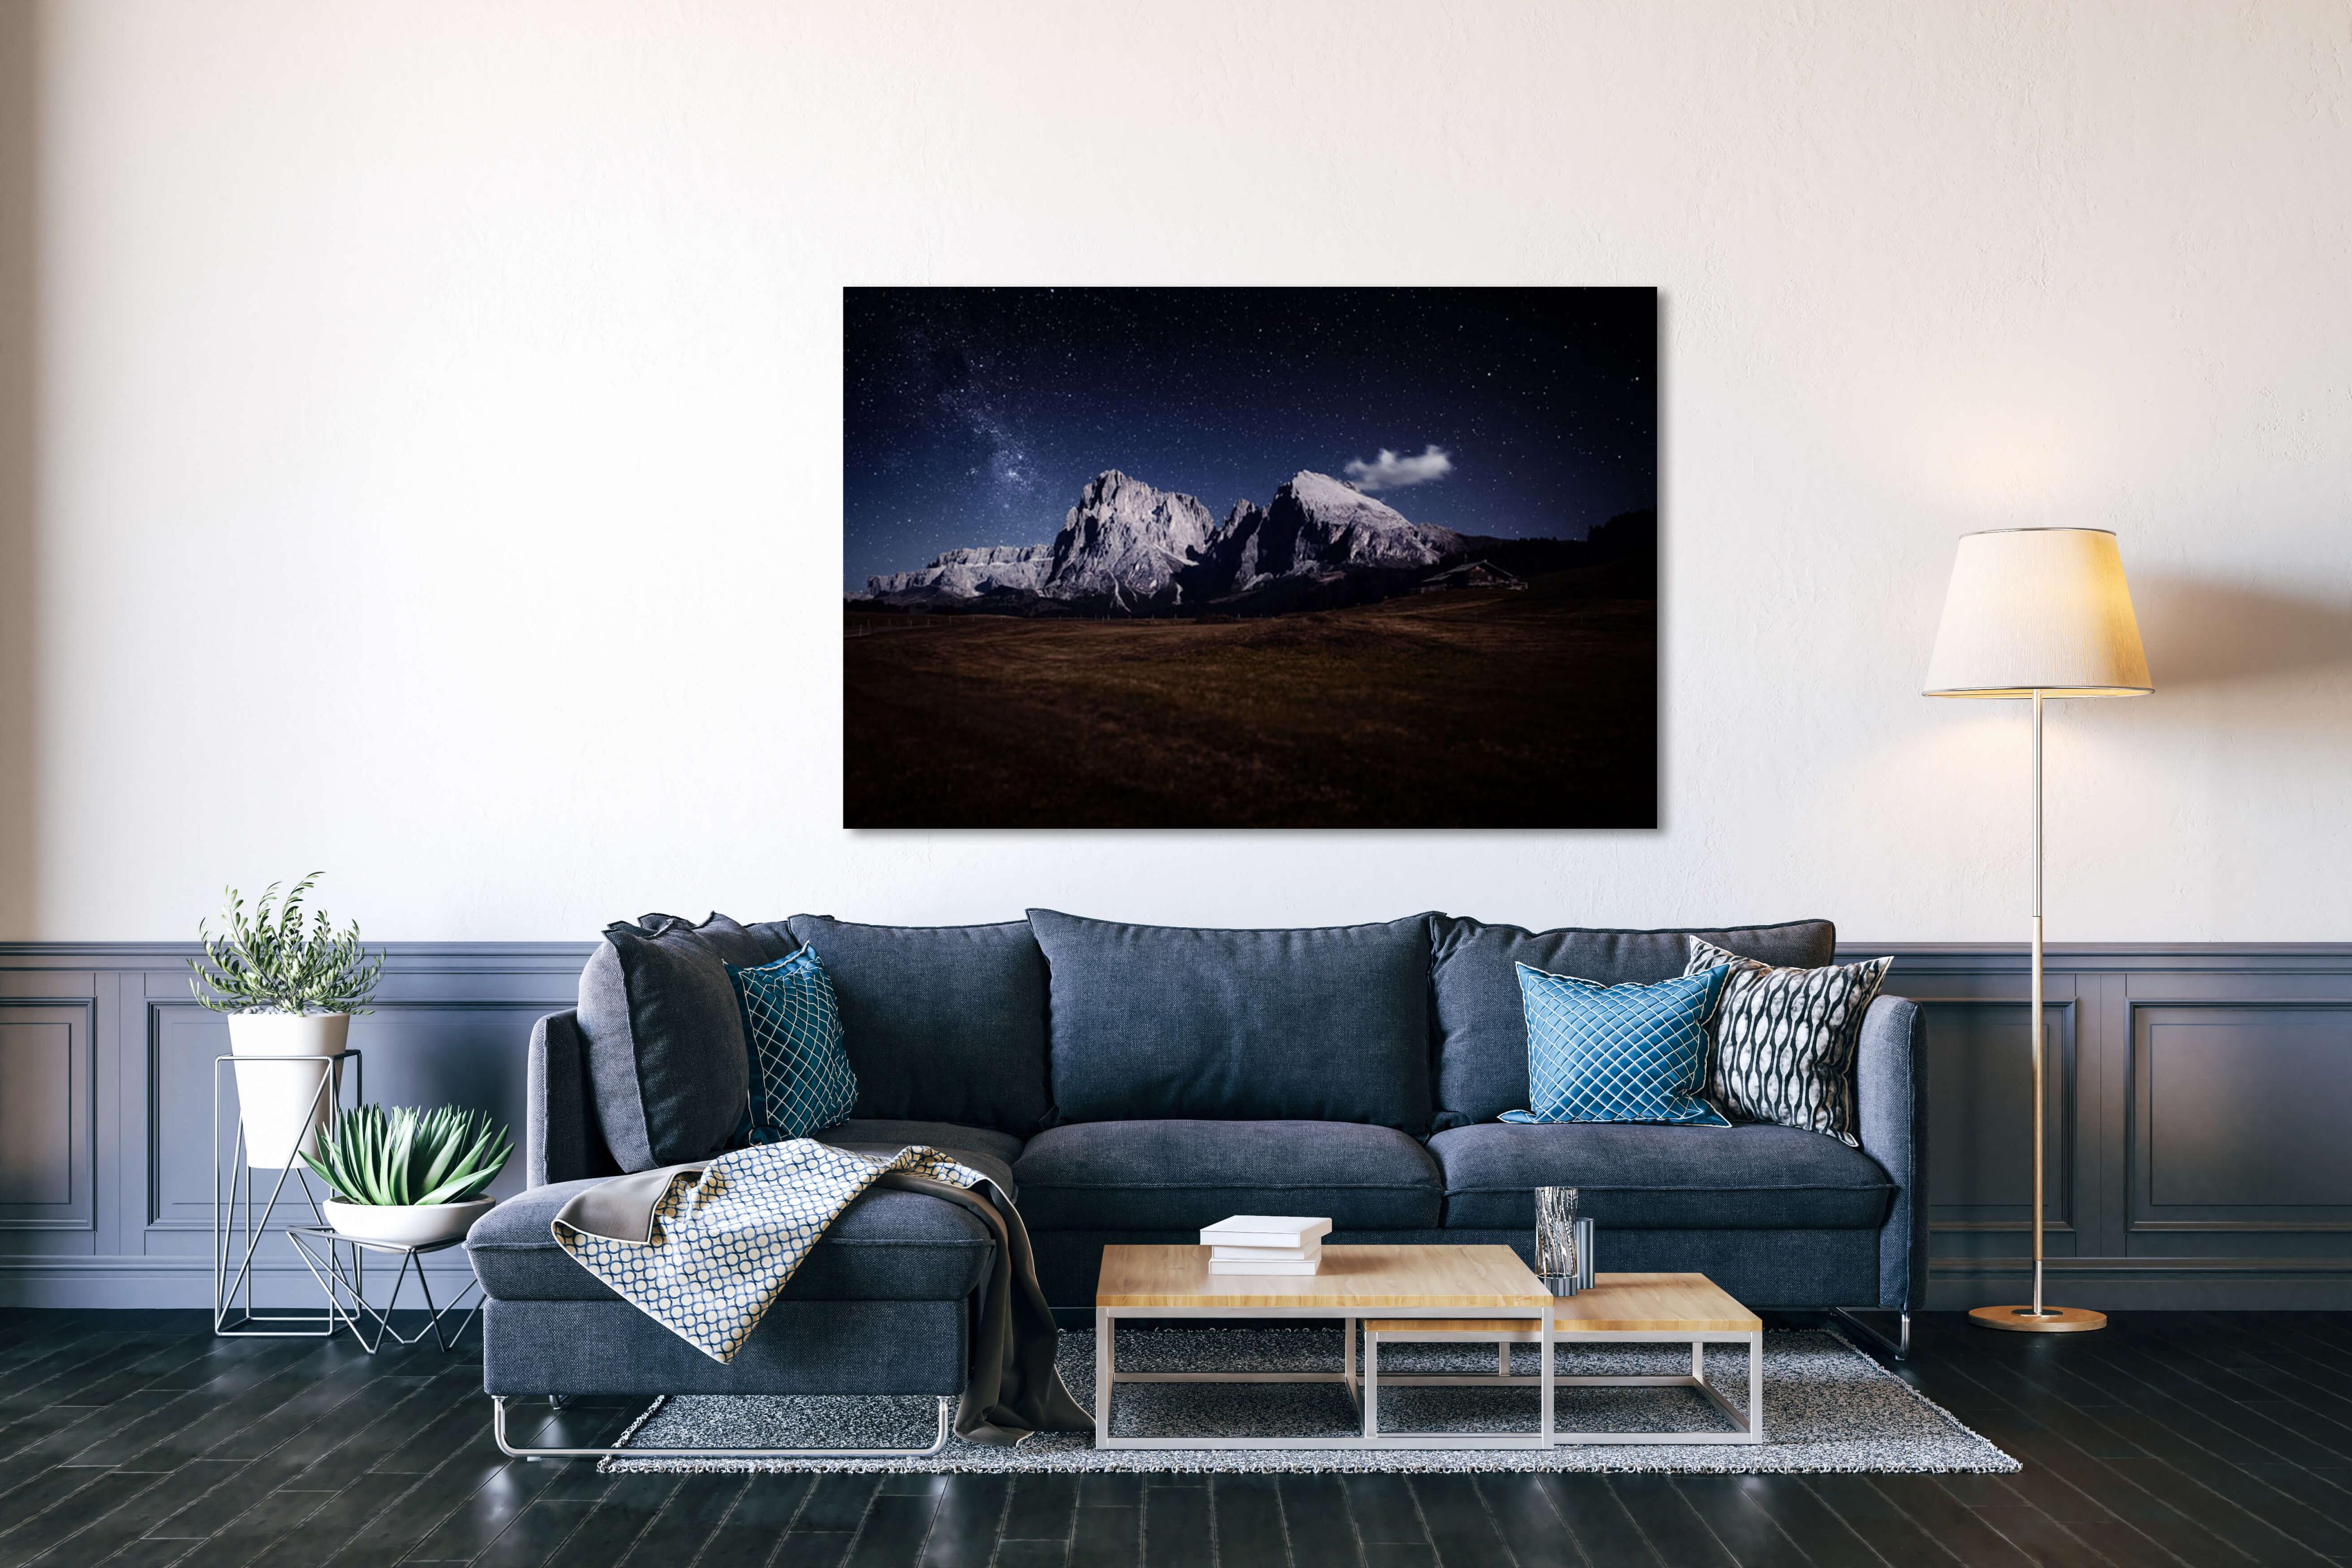 Wandbilder Fürs Wohnzimmer • Nugloss Blog • Tipps Für von Bilder Vom Wohnzimmer Bild